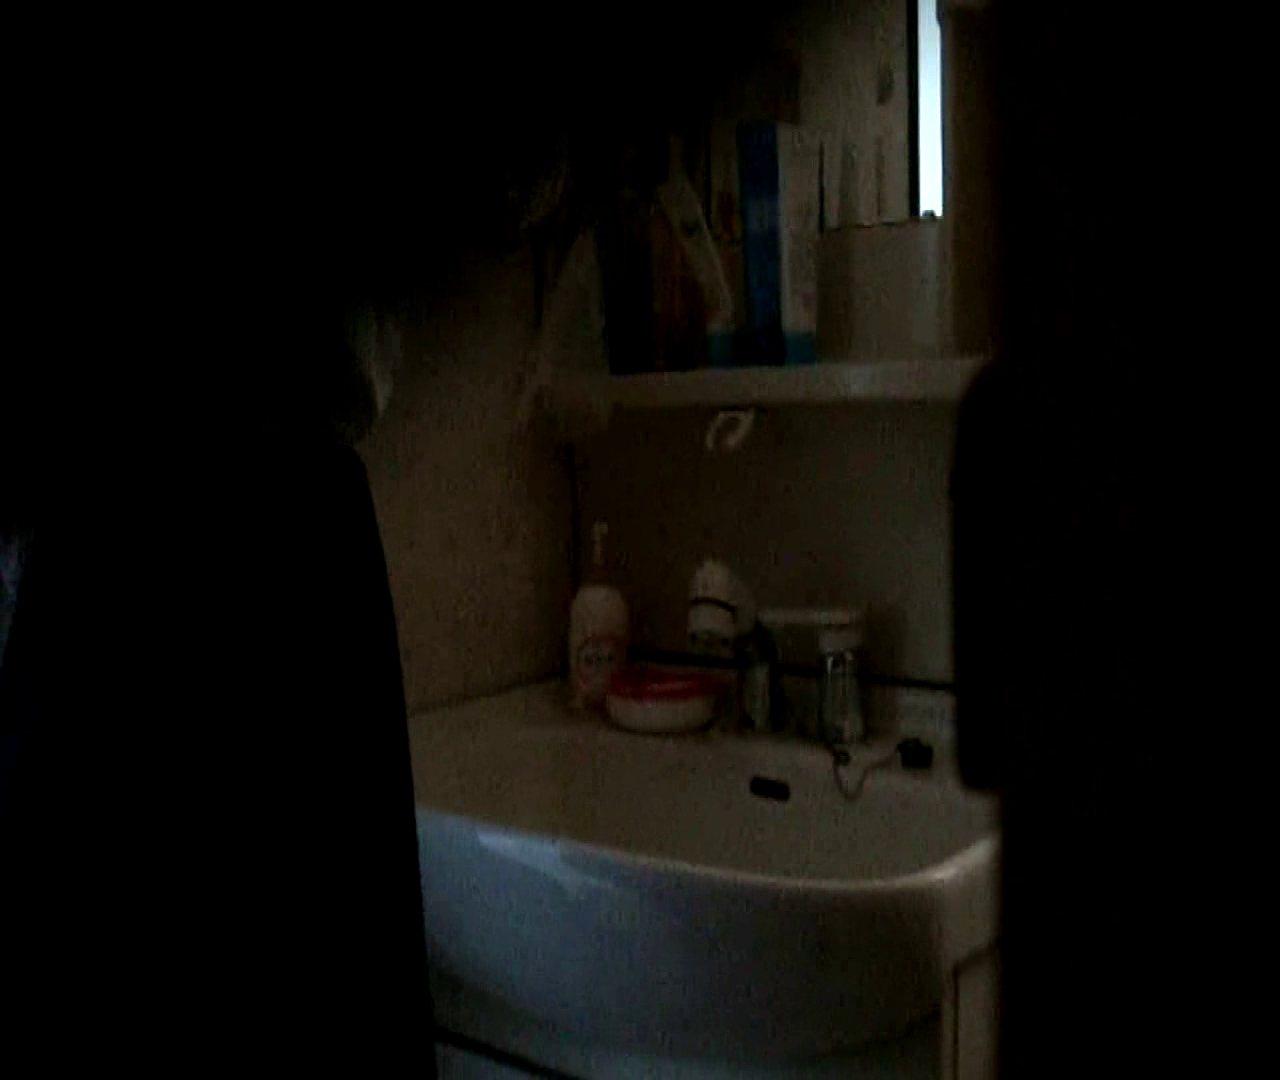 二人とも育てた甲斐がありました… vol.05 まどかが洗顔後にブラを洗濯 HなOL | 0  98pic 2